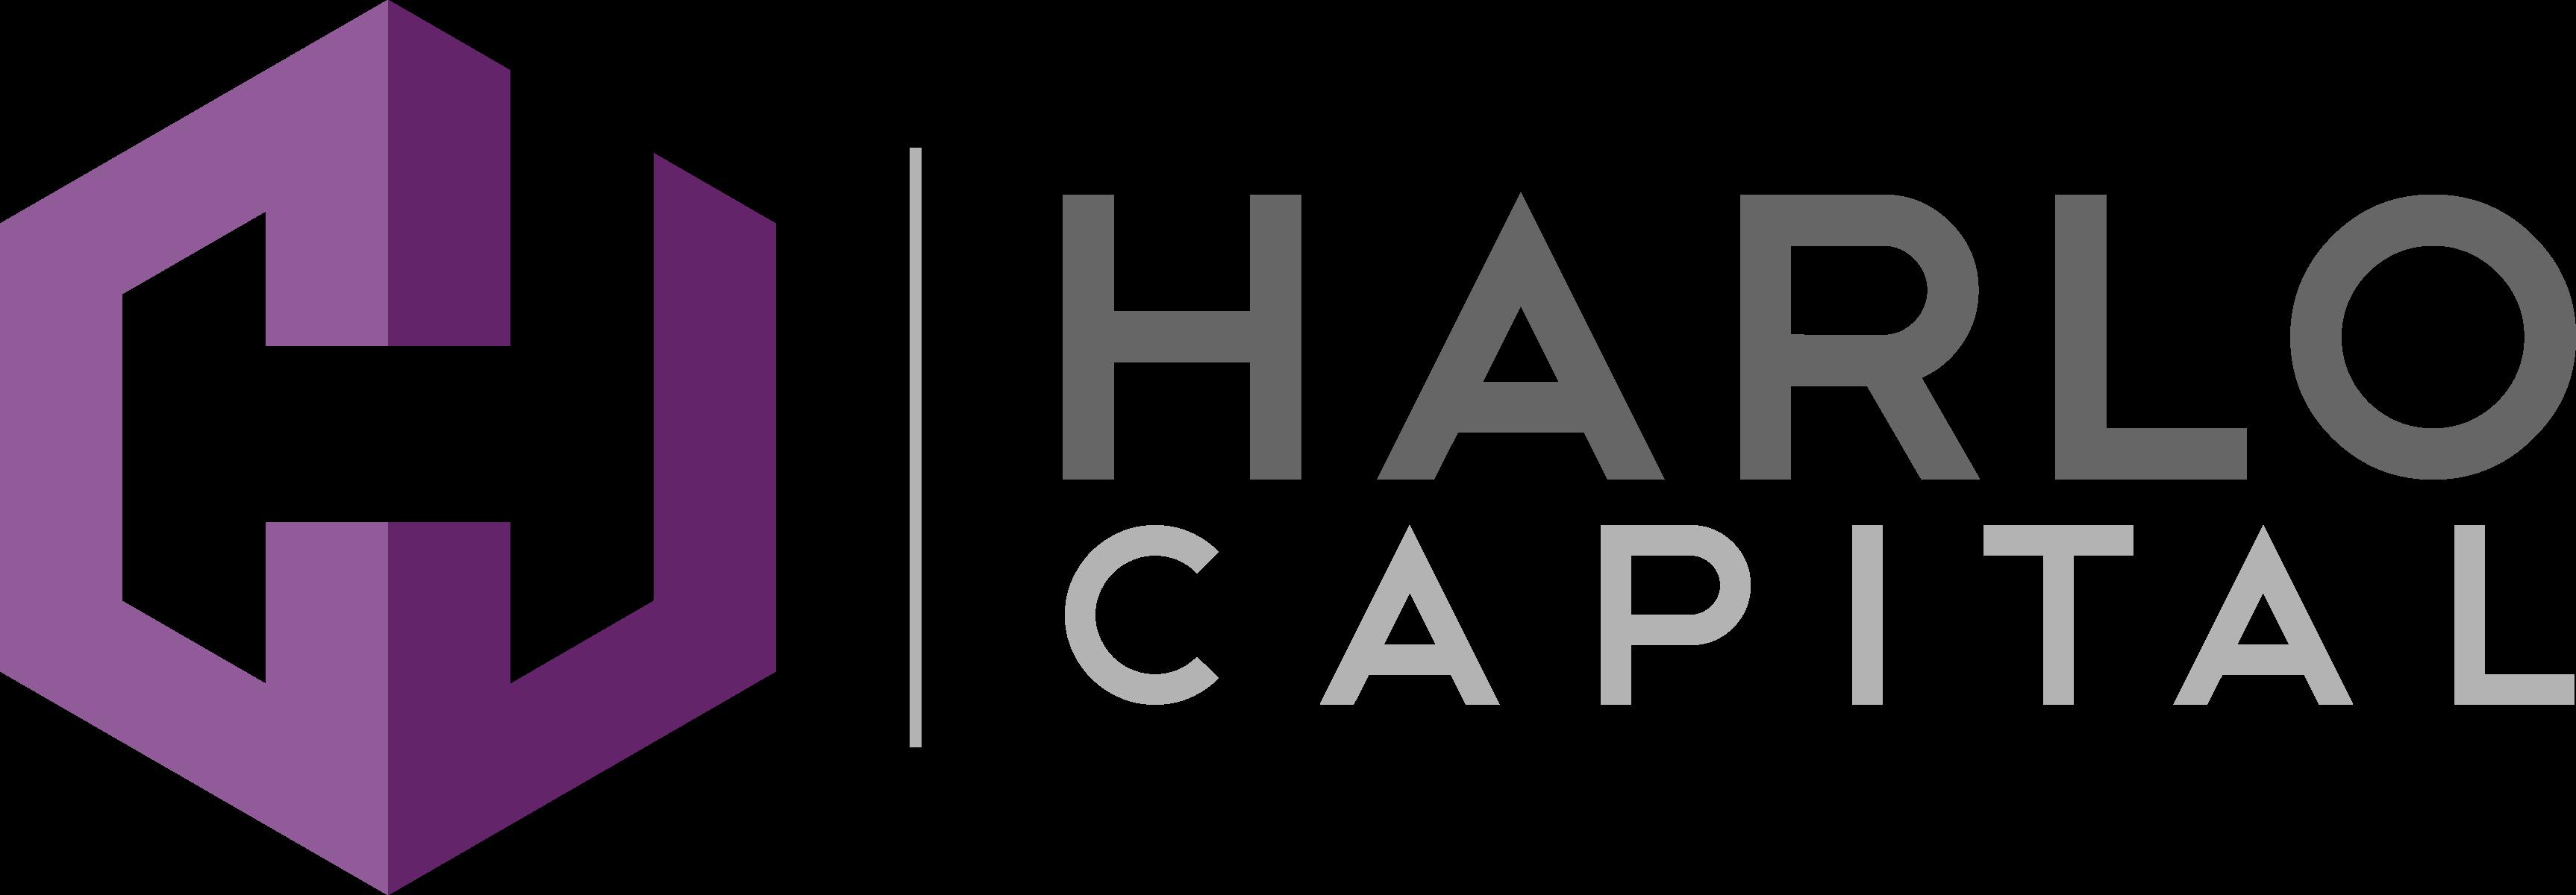 Harlo Capital